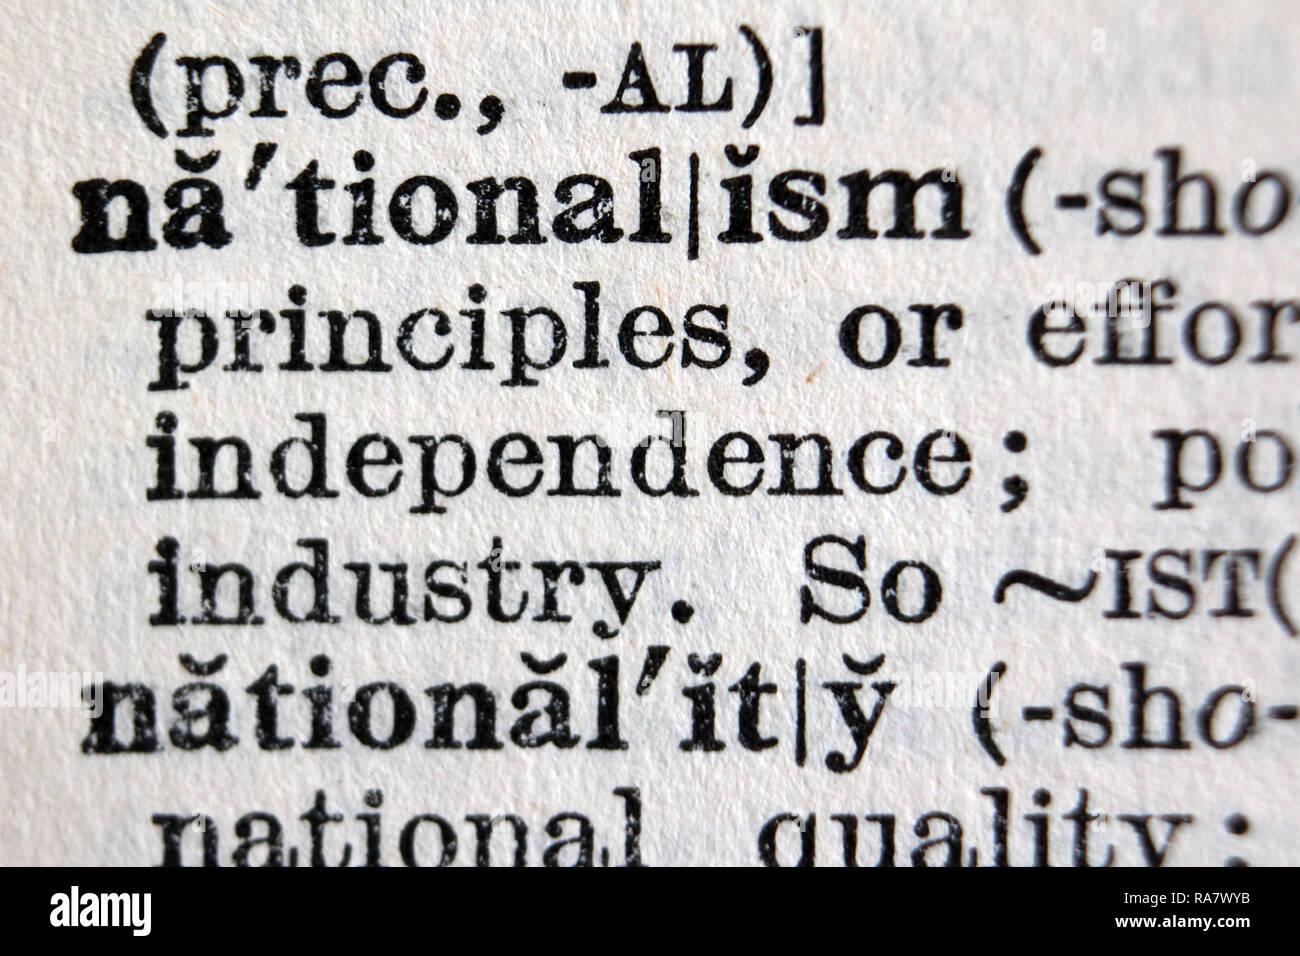 Le nationalisme et la nationalité mots bold sur Oxford English Dictionary, Close up Photo Stock